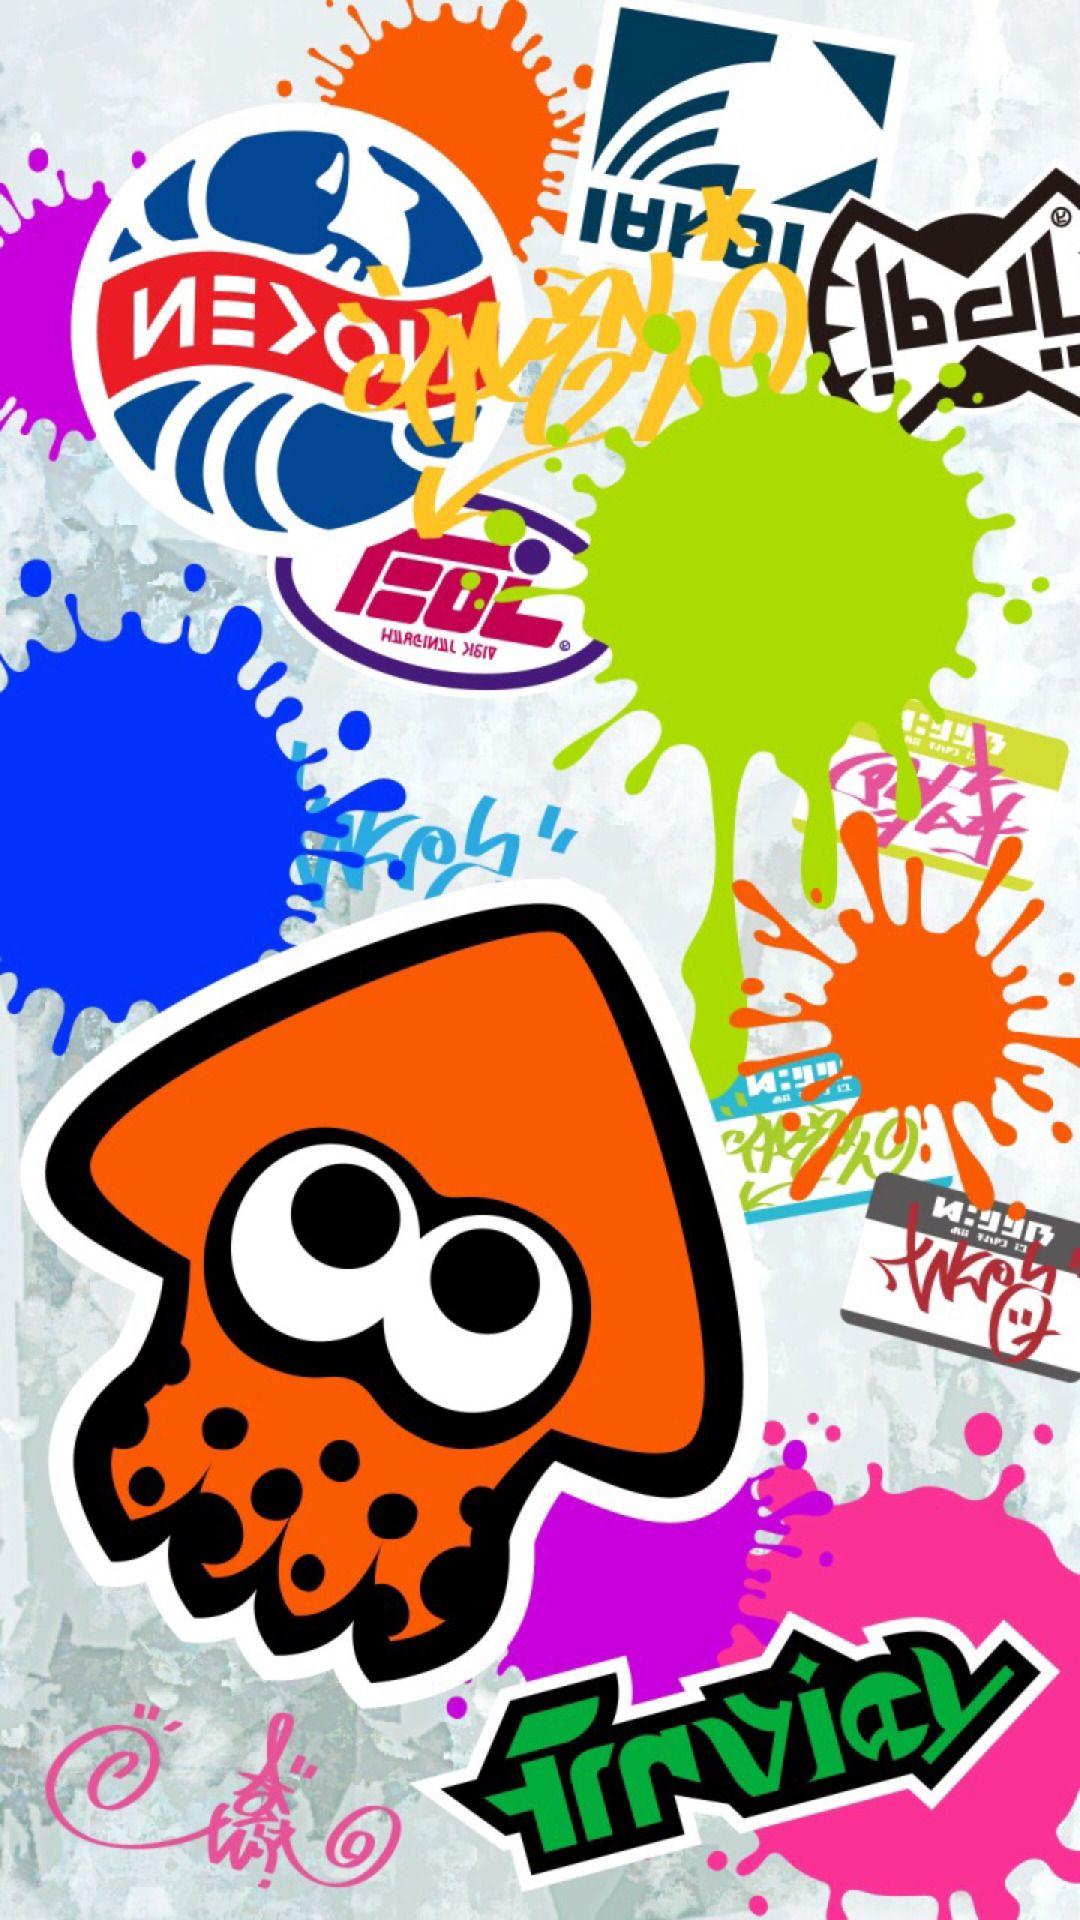 Splatoon Wallpaper D Iphone Wallpaper Anime Wallpaper